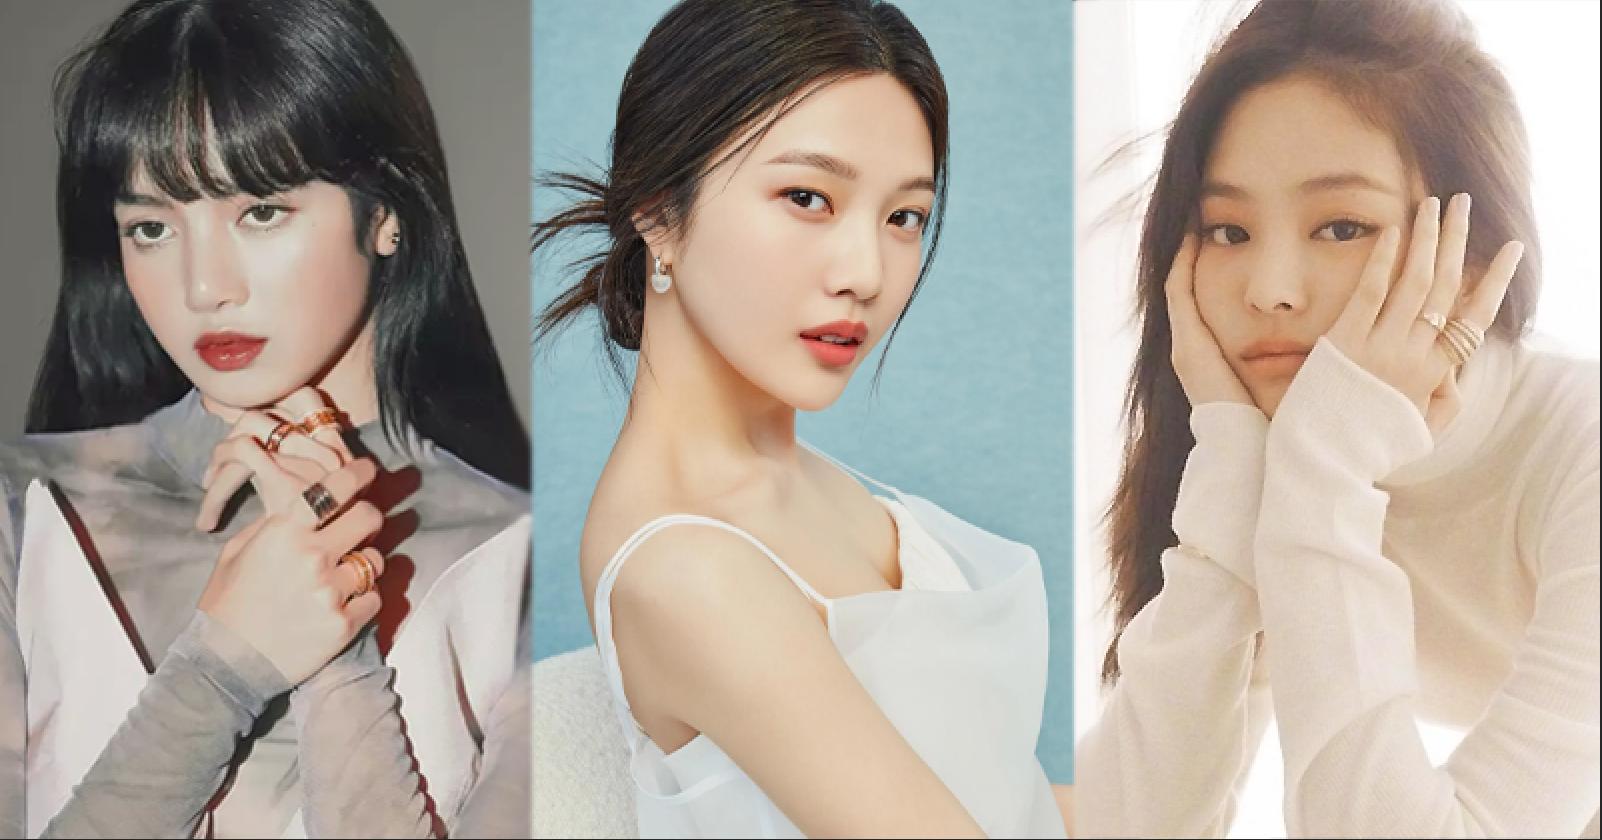 September Girl Group Member Brand Reputation Rankings Revealed